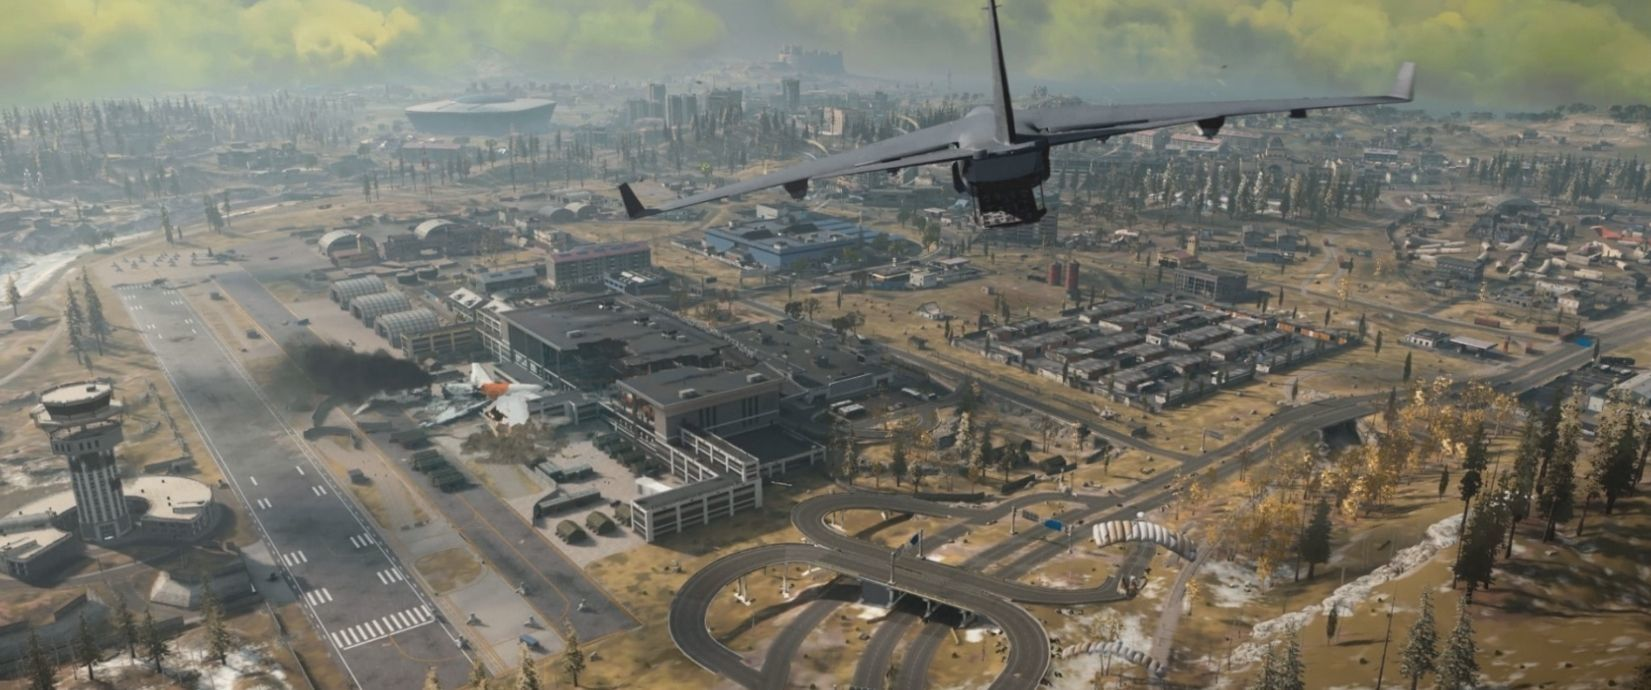 Call of duty Modern Warfare : le mode Battle Royale s'affiche dans une vidéo